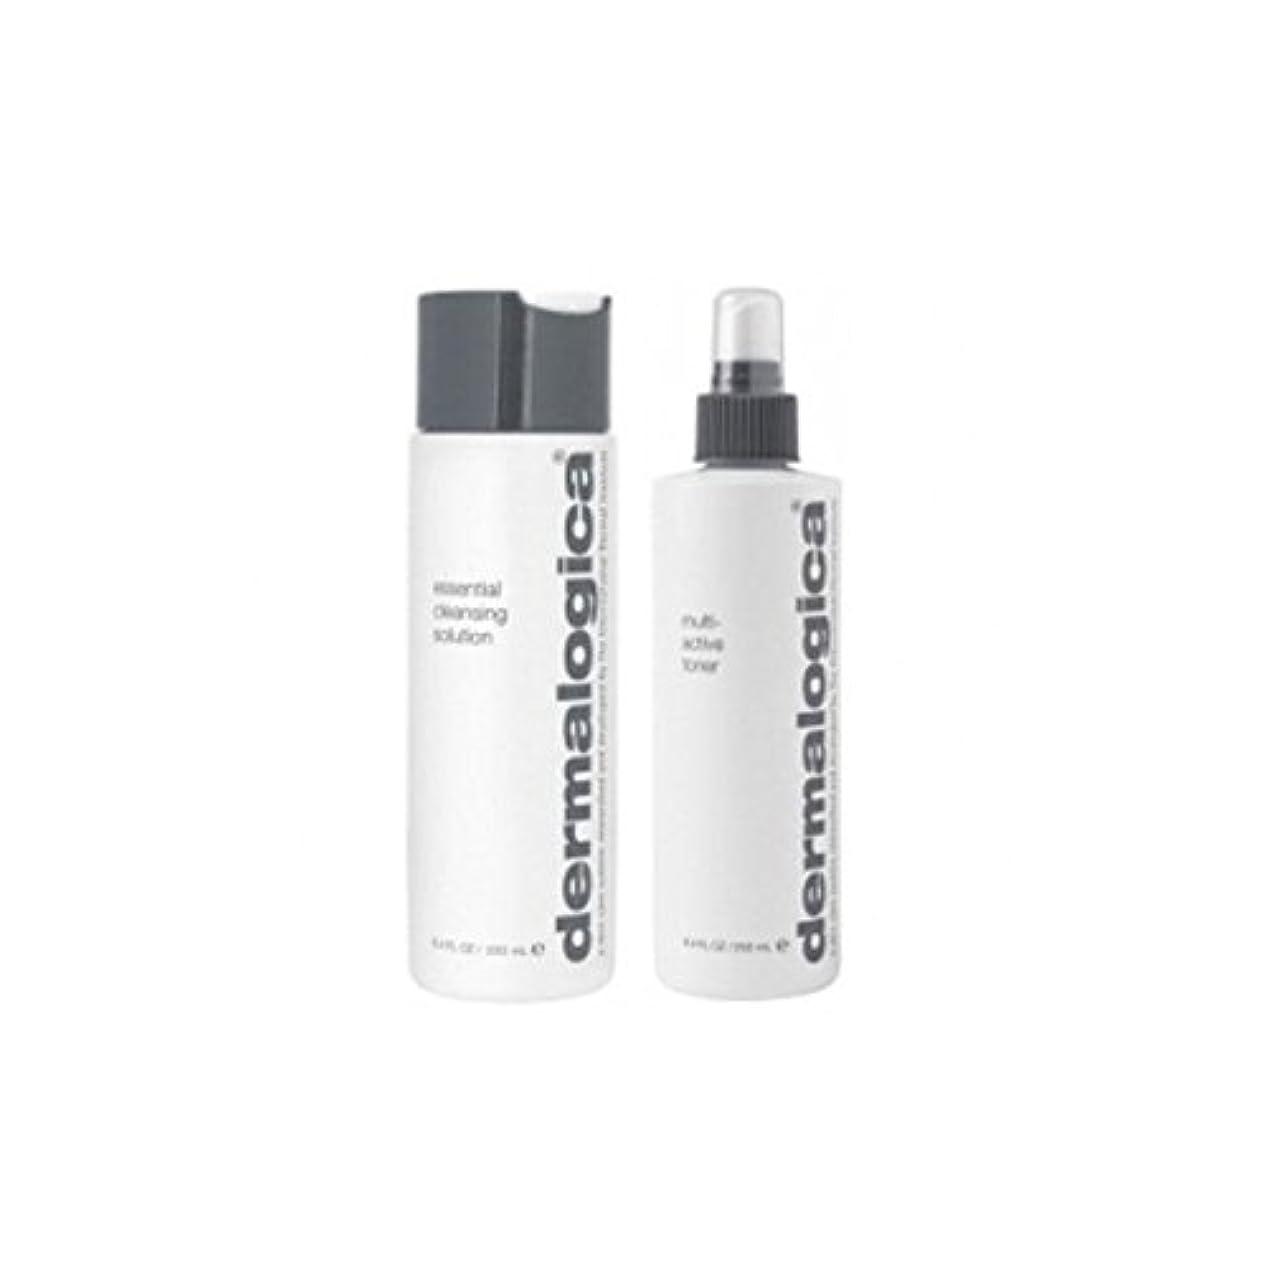 気づかないドメイン弾力性のあるダーマロジカクレンジング&トーンデュオ - 乾燥肌 x4 - Dermalogica Cleanse & Tone Duo - Dry Skin (Pack of 4) [並行輸入品]